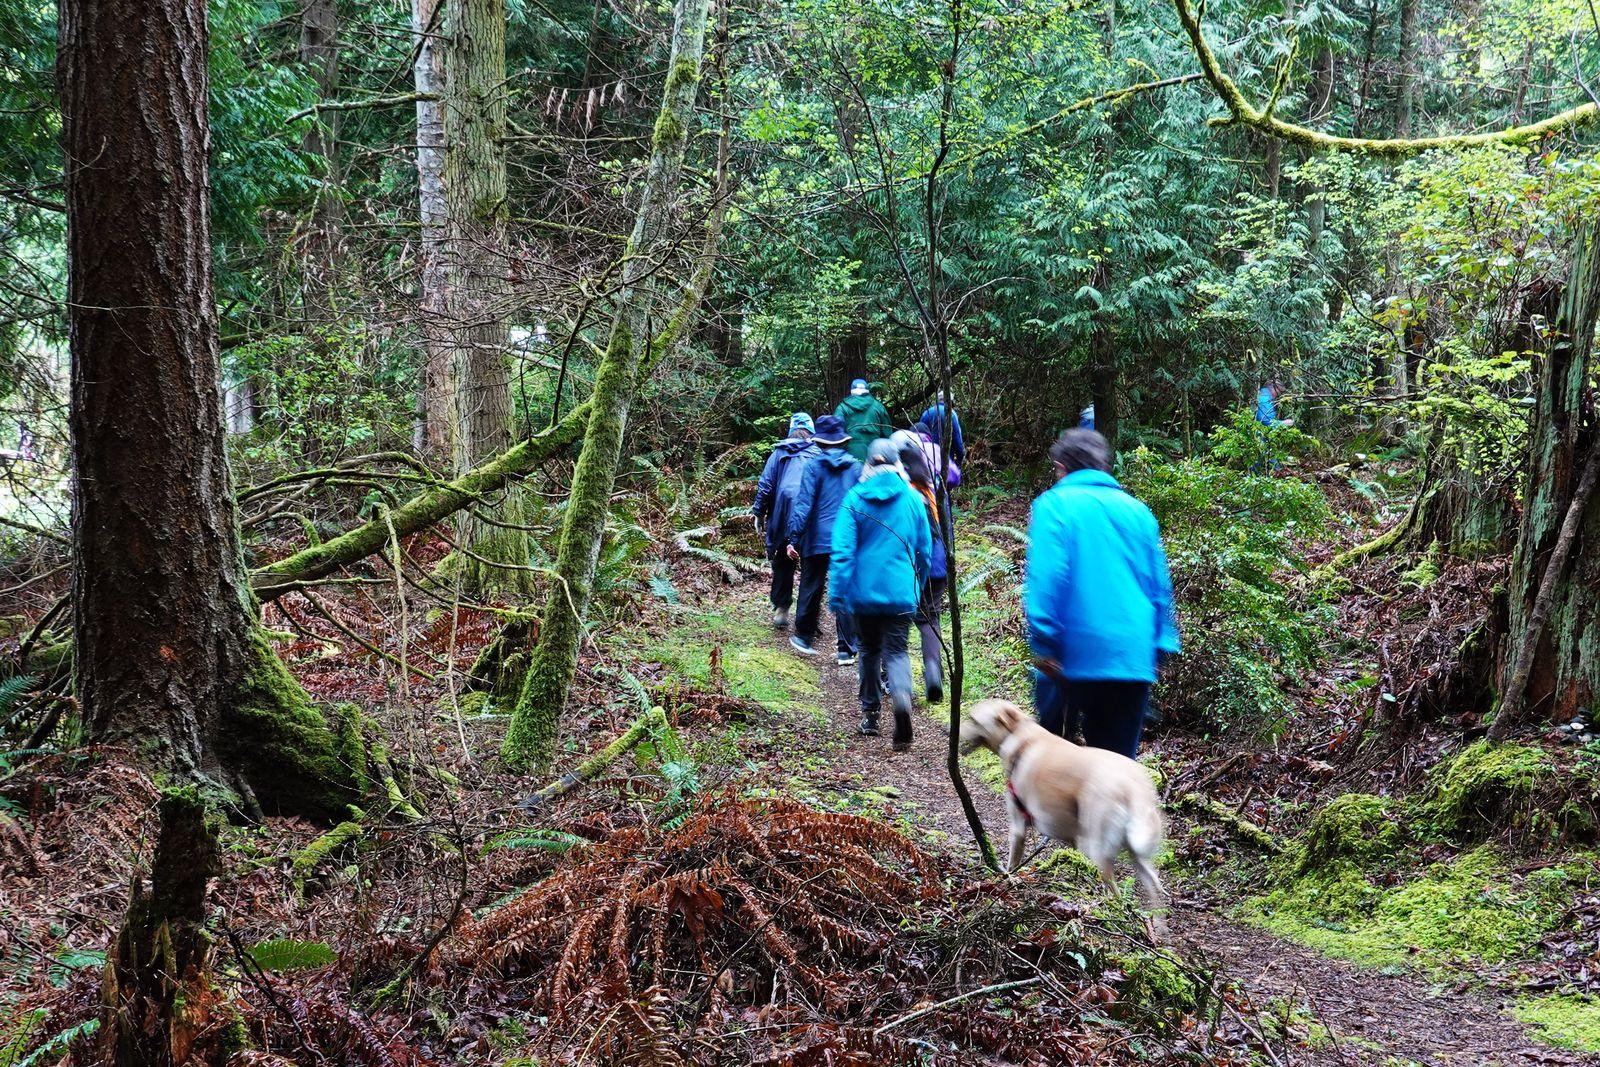 Up the Rainier Trail we go